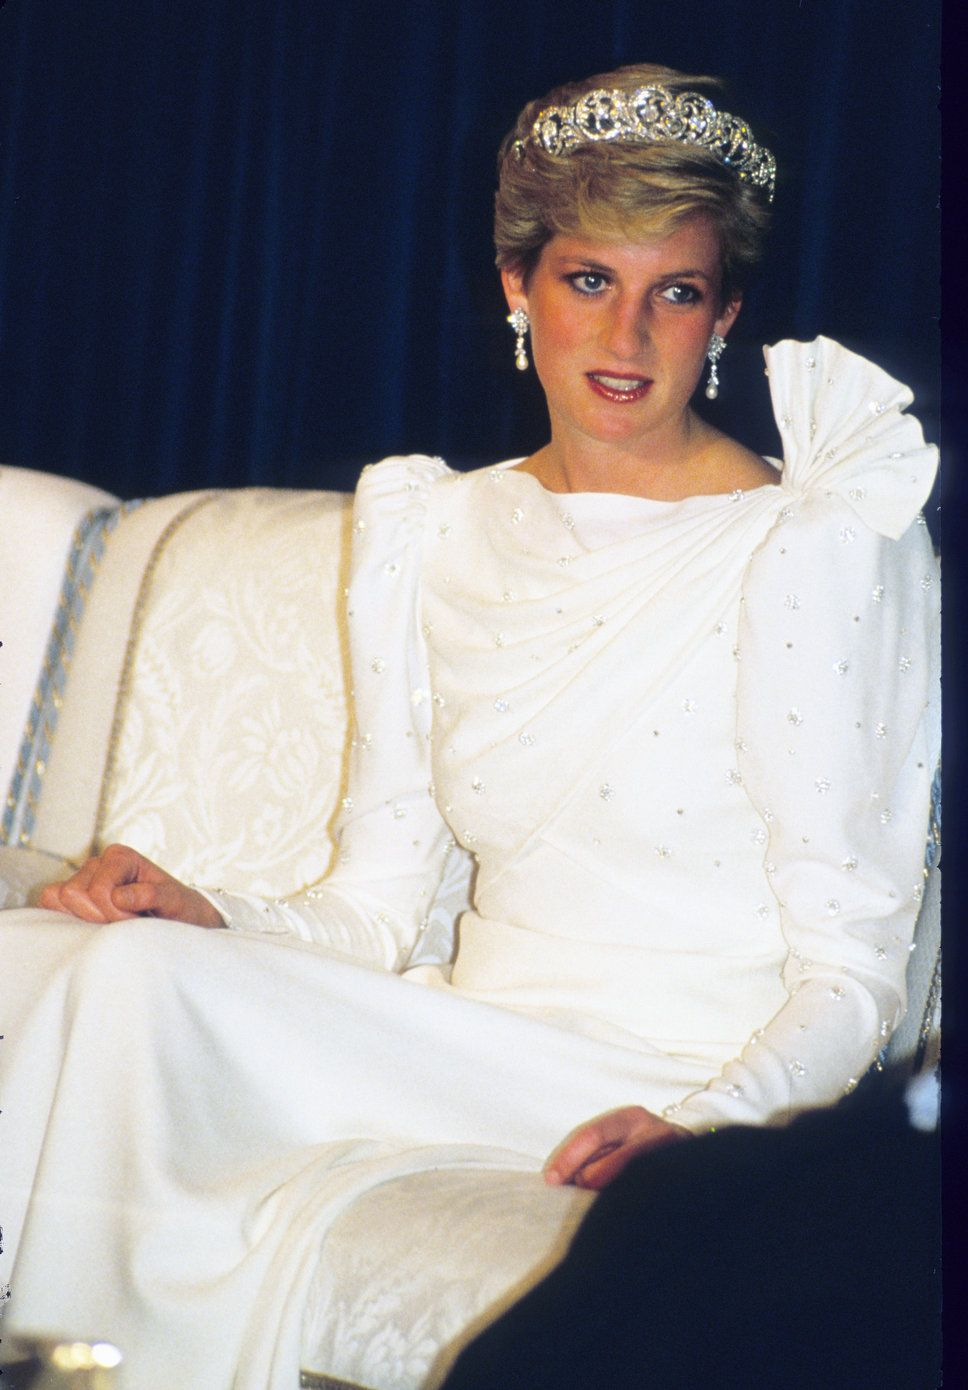 princess diana wedding | Princess Diana wedding dress tiara photo | Posh24.com